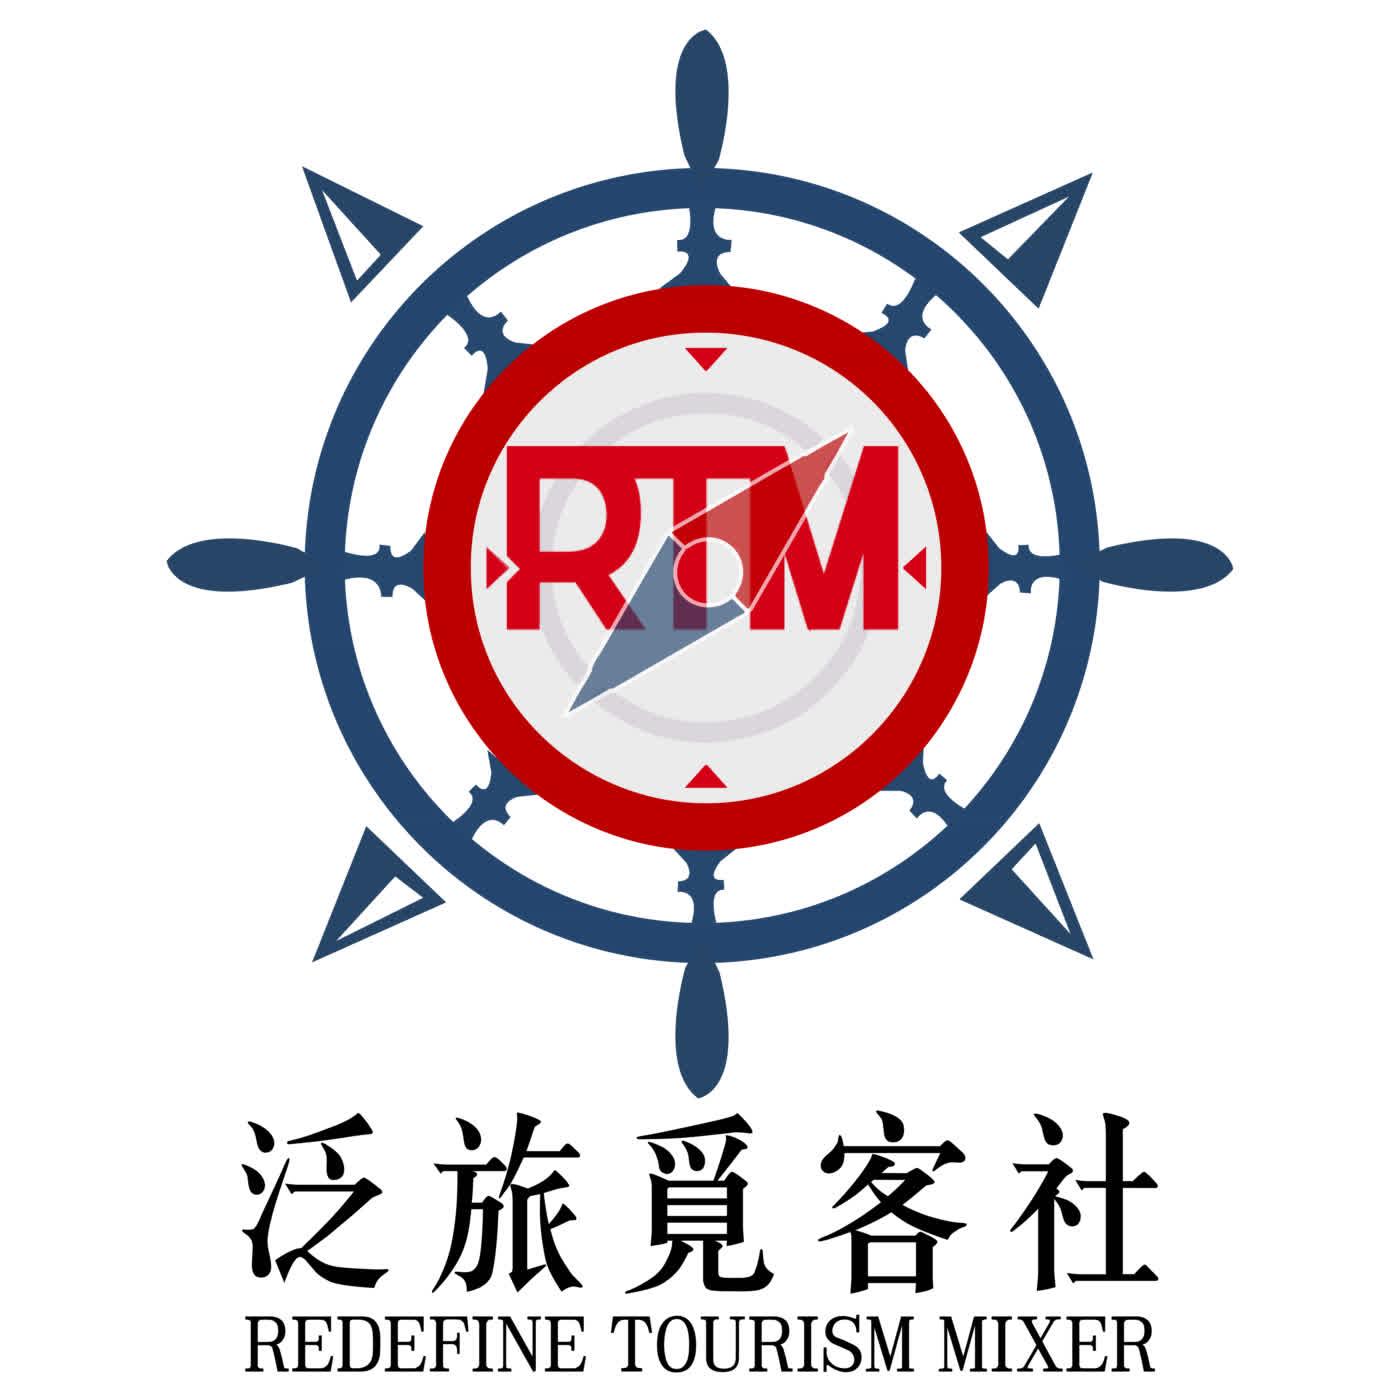 旅透客EP4|為救觀光!全球吹起「旅遊泡泡」新政策,這真能挽救慘淡的觀光業嗎,還是成為加重疫情的助燃器?